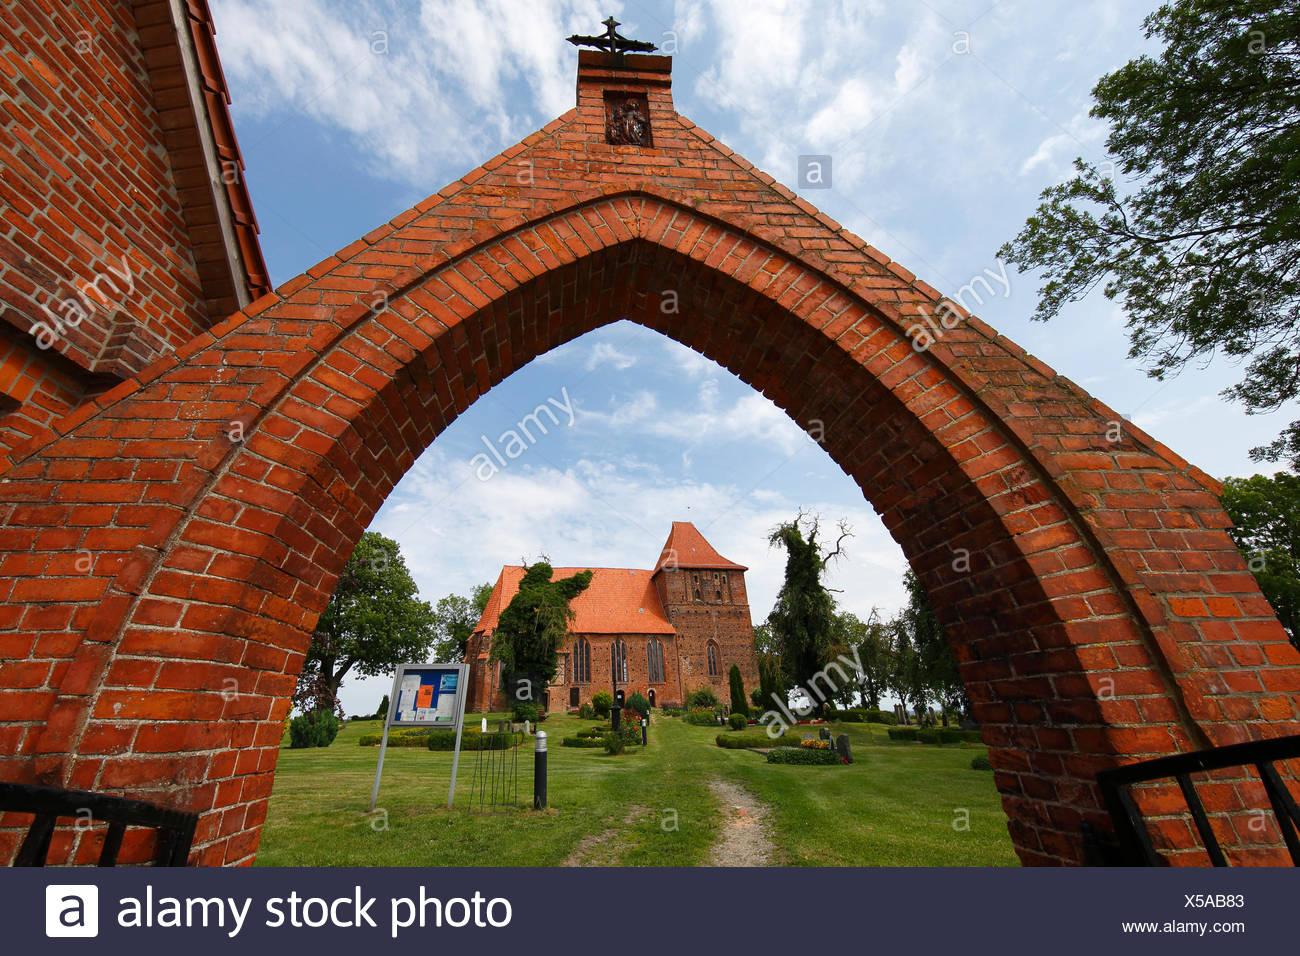 Historische Backstein-Dorfkirche Hohenkirchen aus Dem 15. Halbmonatsschrift, Nordwestmecklenburg, Mecklenburg-Vorpommern, Deutschland Stockbild